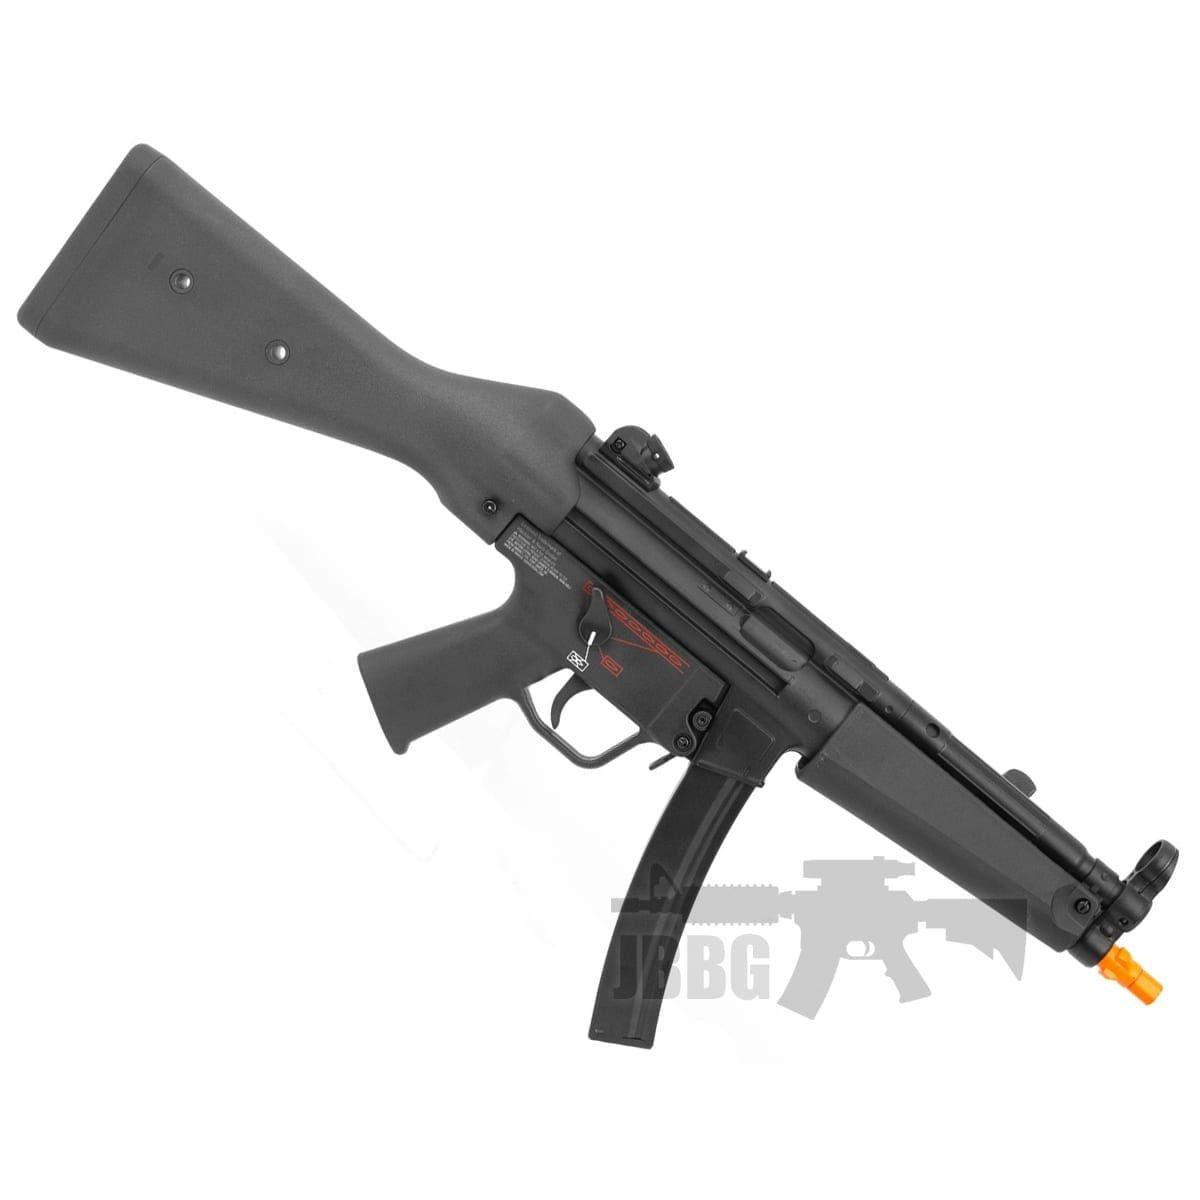 mp5 airsoft guns